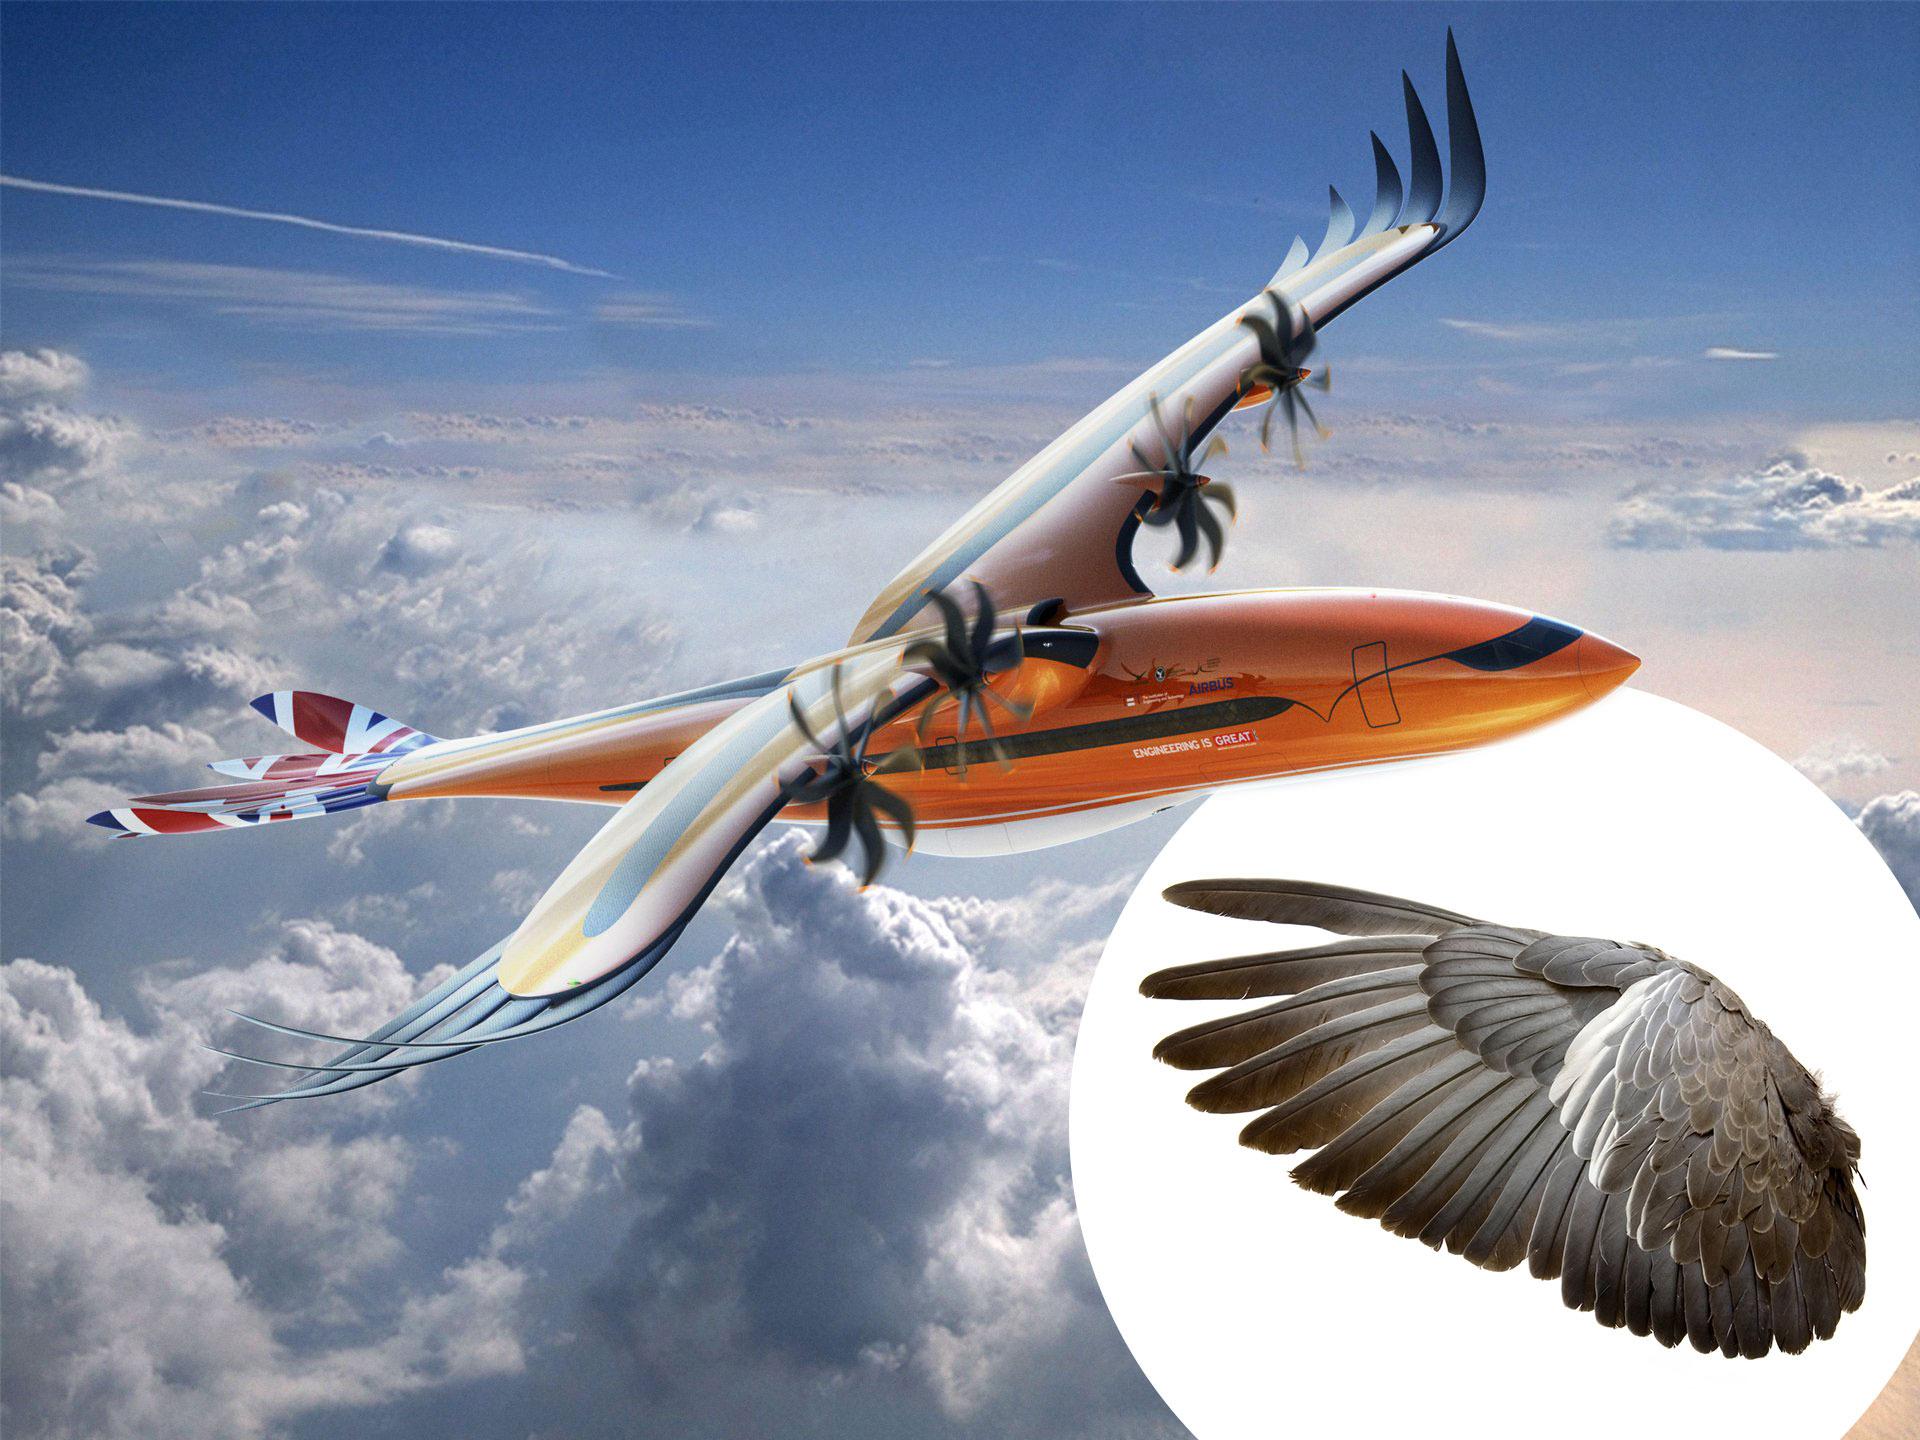 Future of flight looks to nature in Airbus 'bird of prey' design